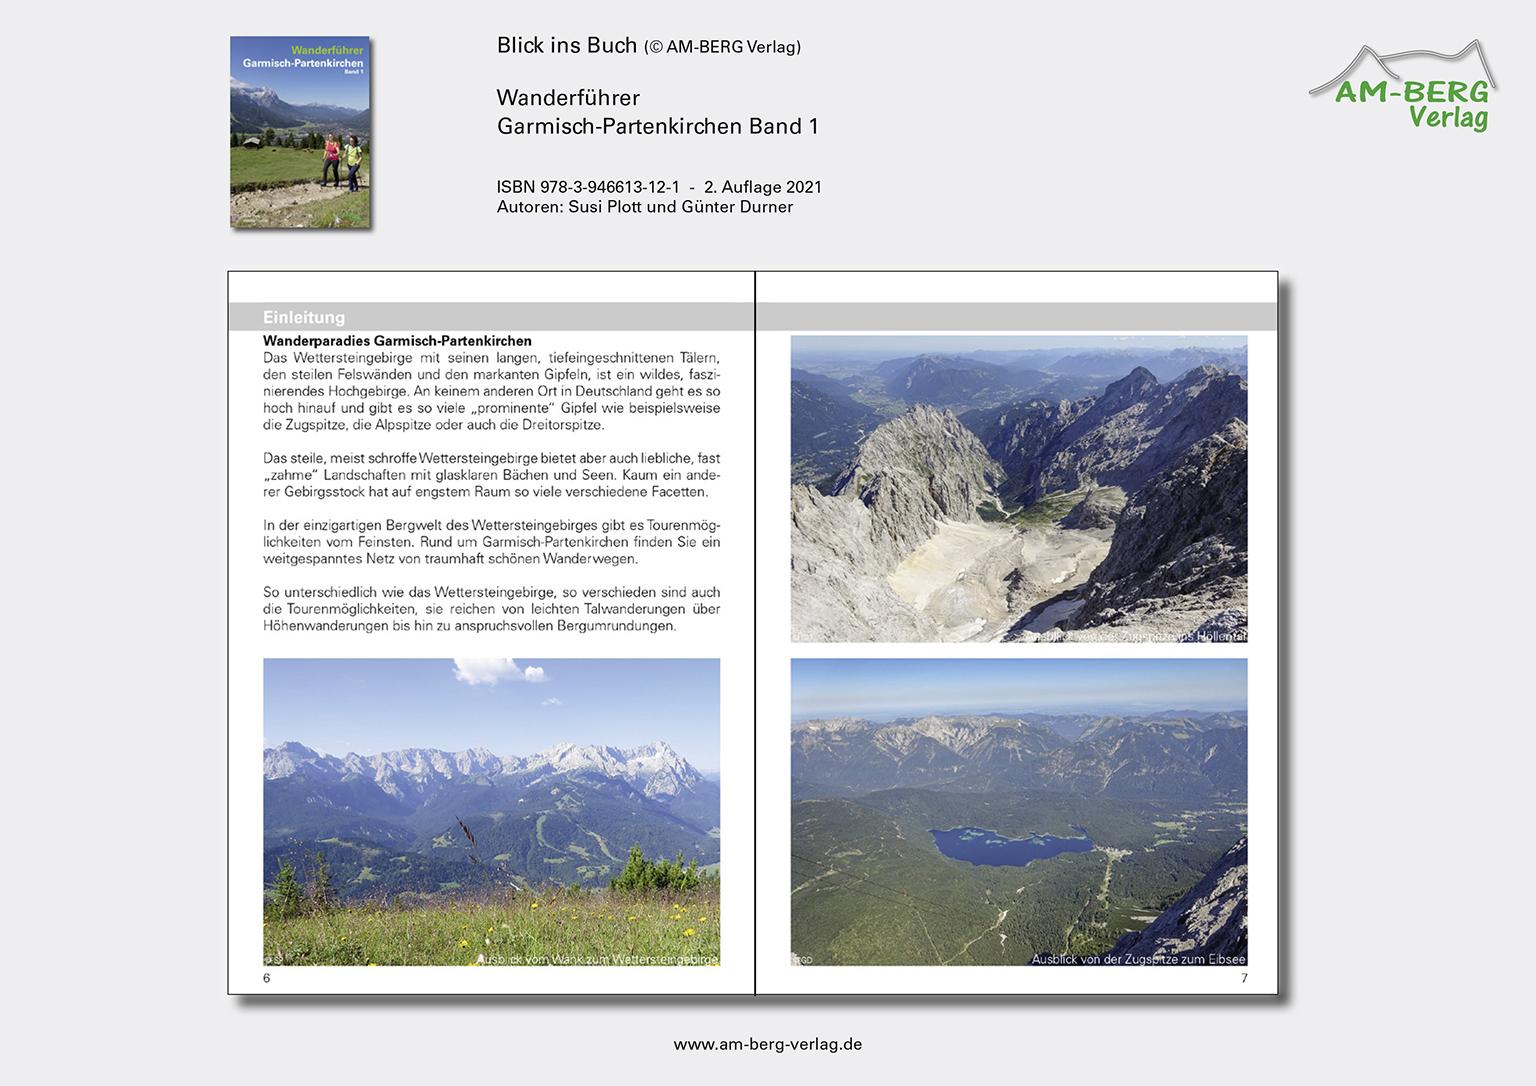 Wanderführer Garmisch-Partenkirchen Band 1_Blick ins Buch04